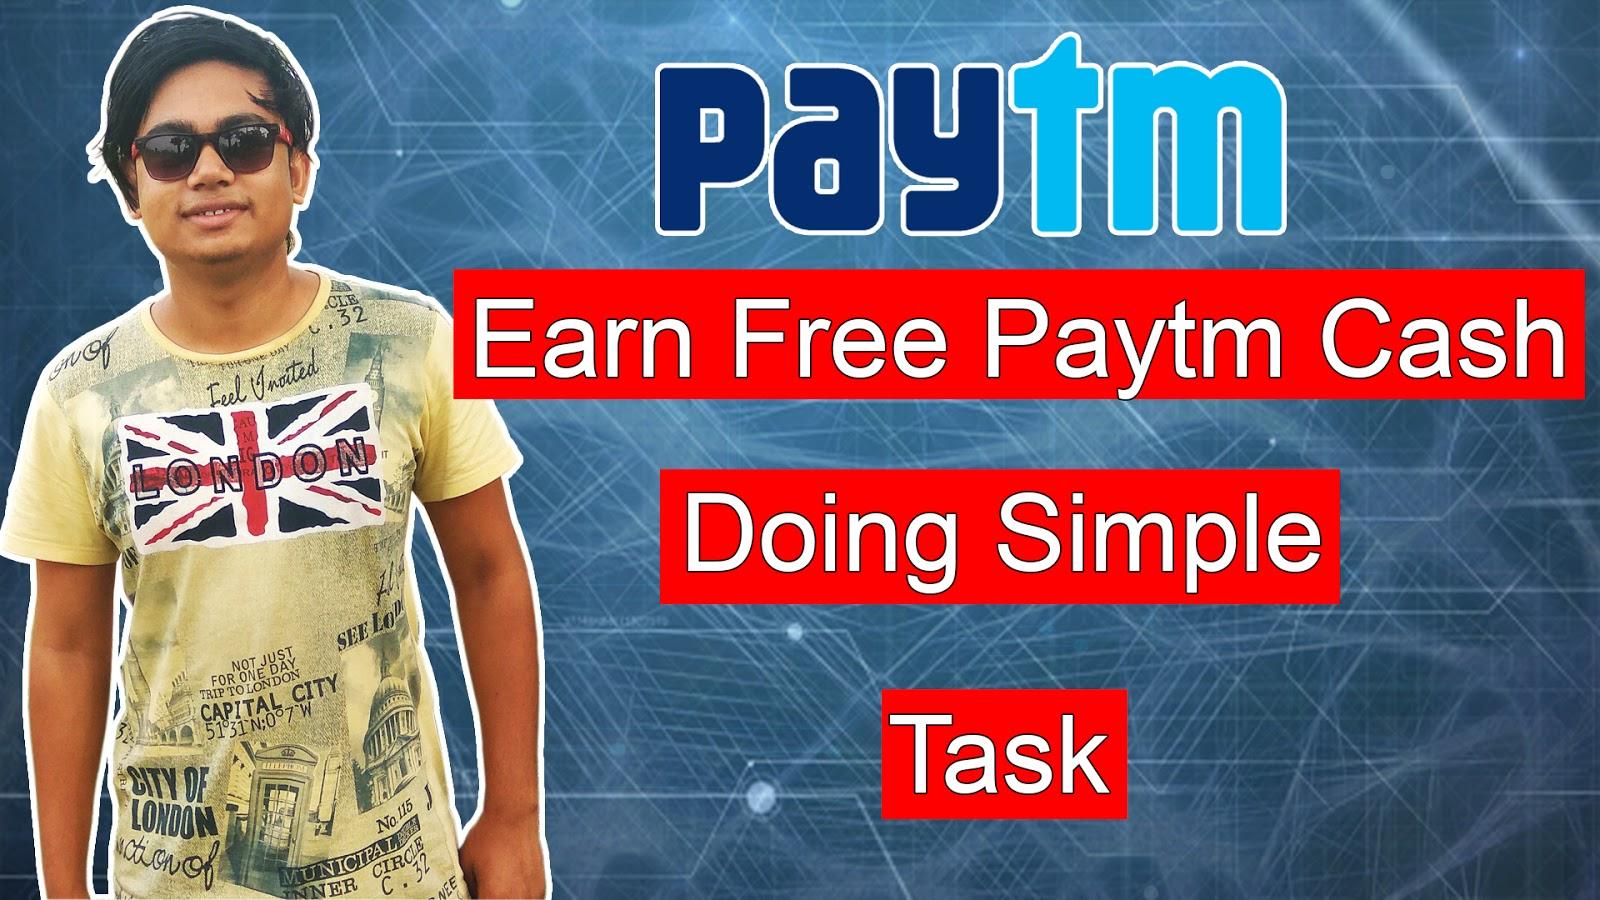 earn paytm cash free - HD1600×900